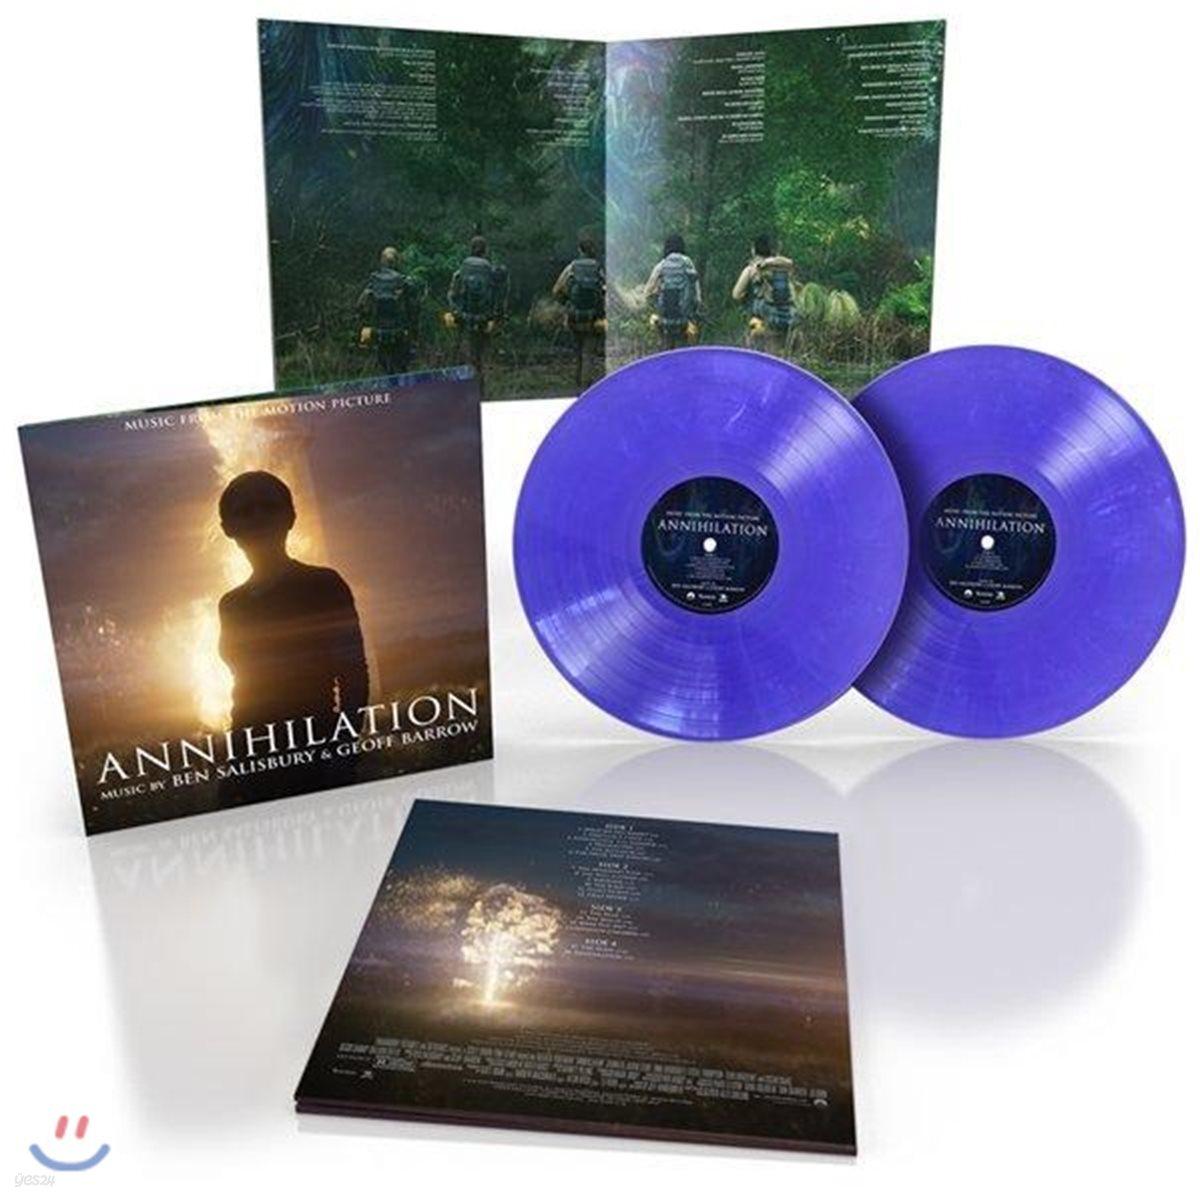 서던리치: 소멸의 땅 영화음악 (Annihilation OST by Ben Salisbury & Geoff Barrow 벤 살리스버리 & 제프 배로) [퍼플 컬러 2LP]